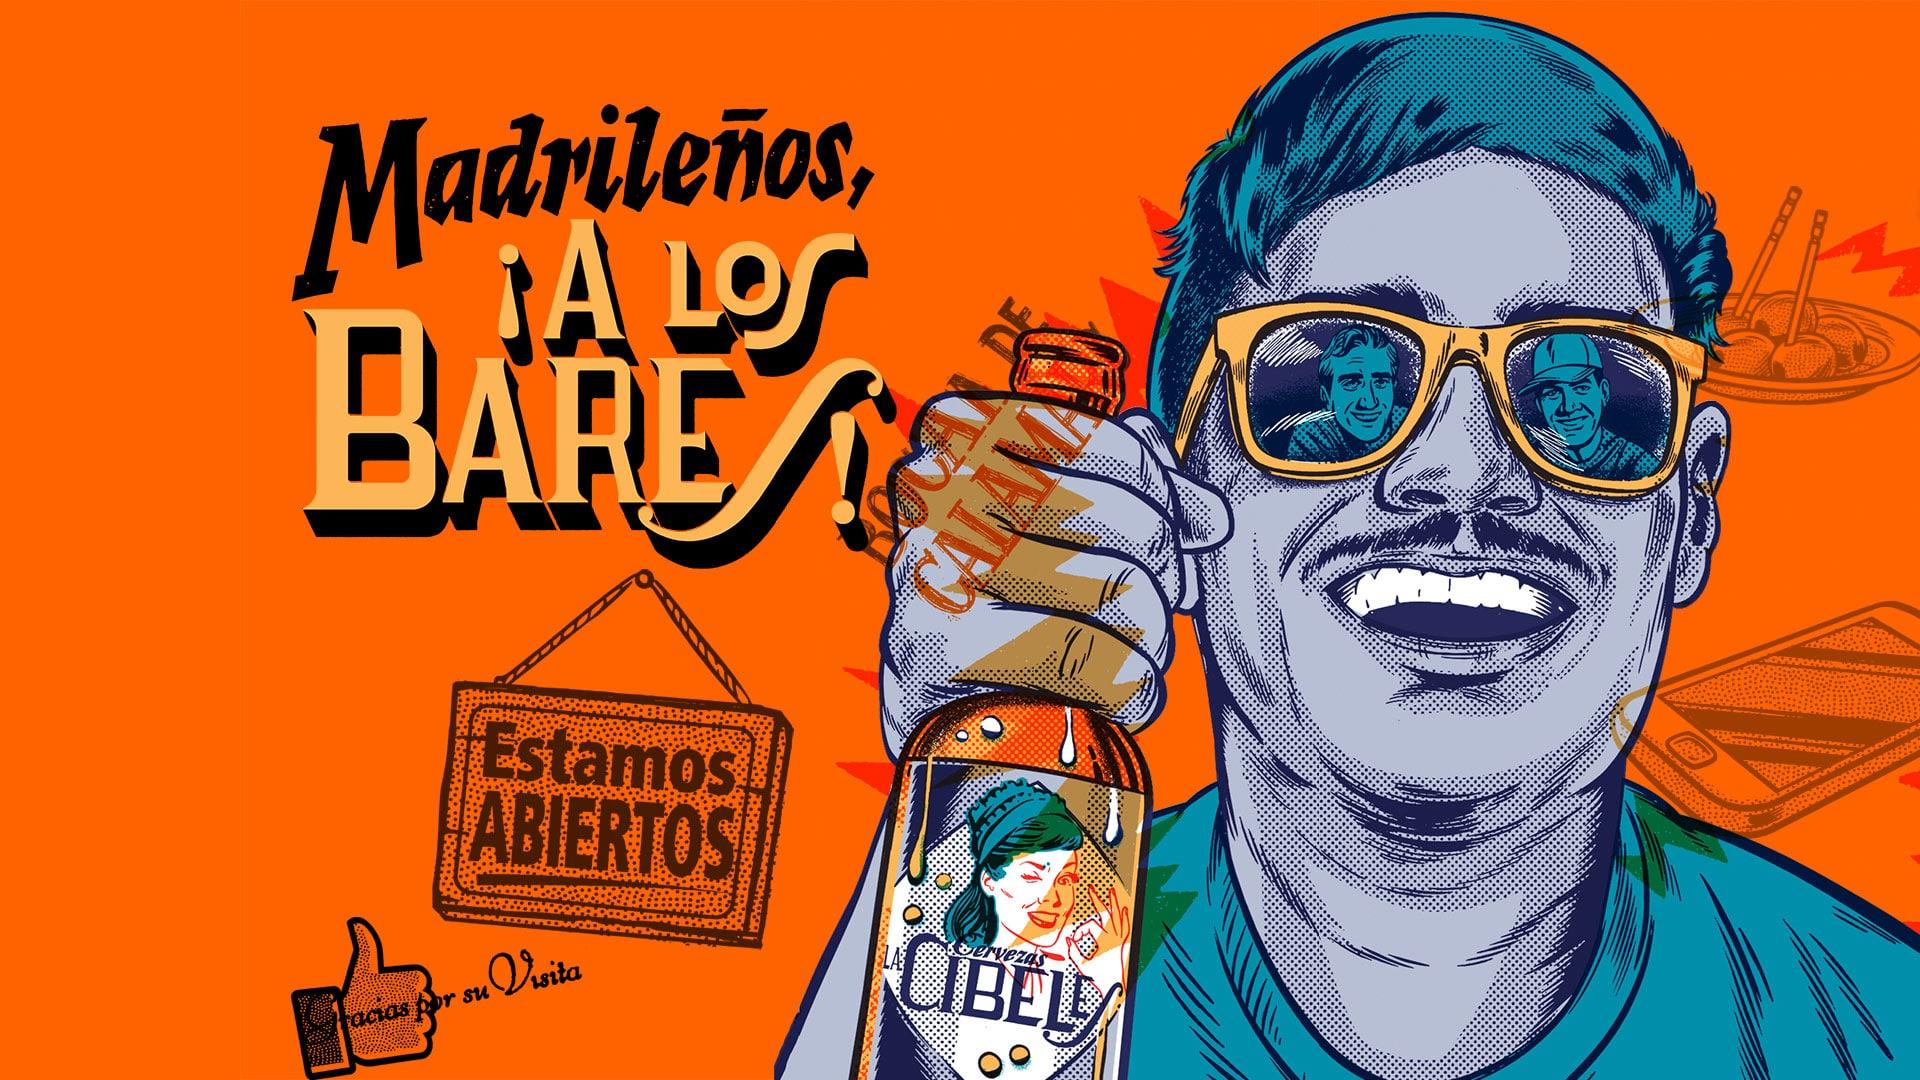 Madrileños a los bares La Cibeles